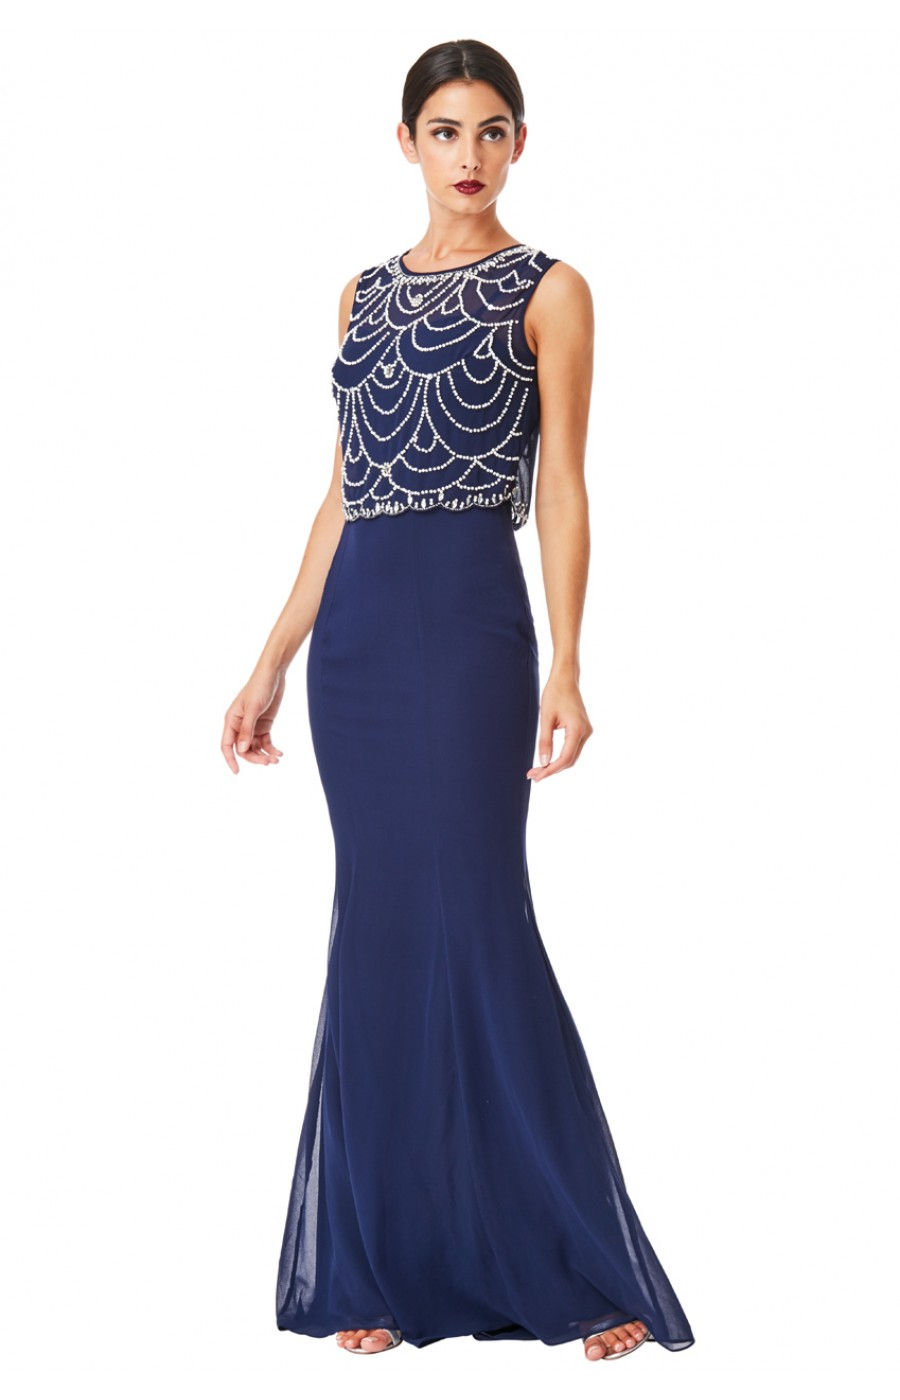 Επίσημο μακρύ μπλε σκούρο φόρεμα με κεντημα στο επανω μερος 7db7c431216